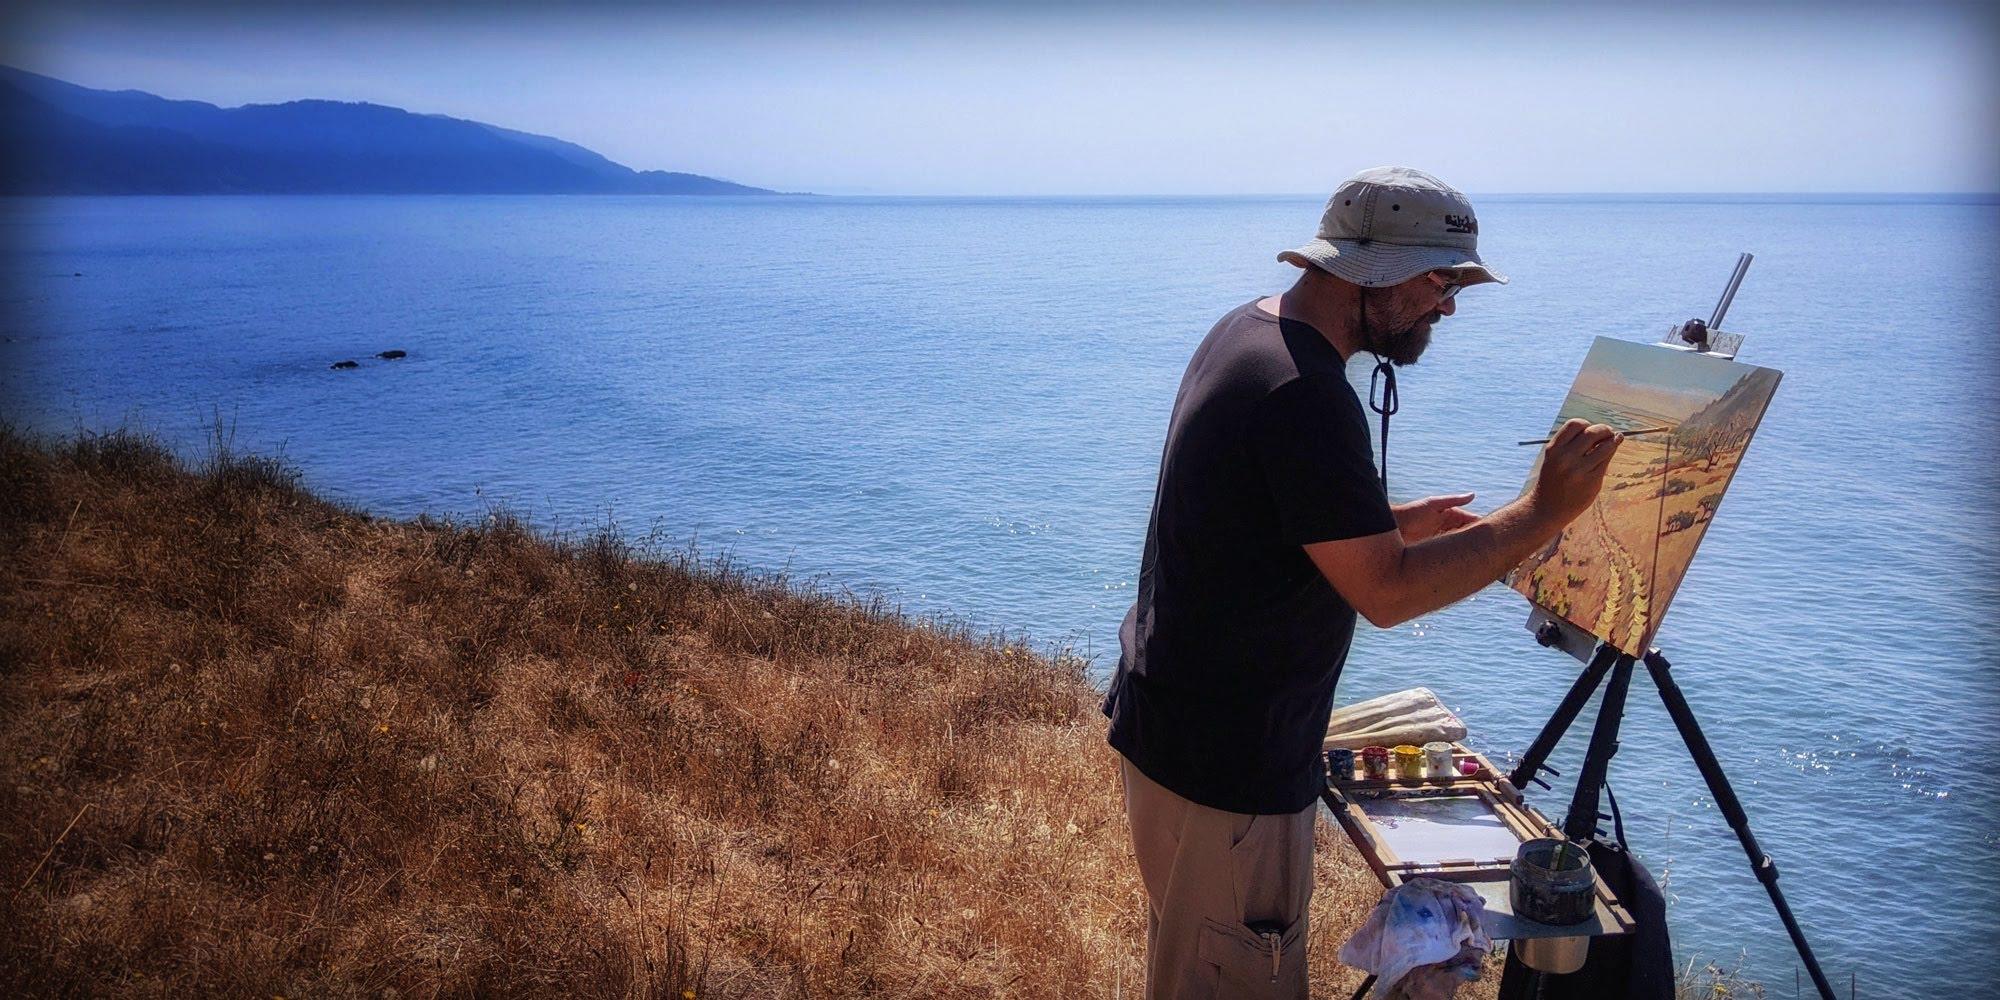 Artist Matt Beard painting plein air on the Lost Coast of Northern California